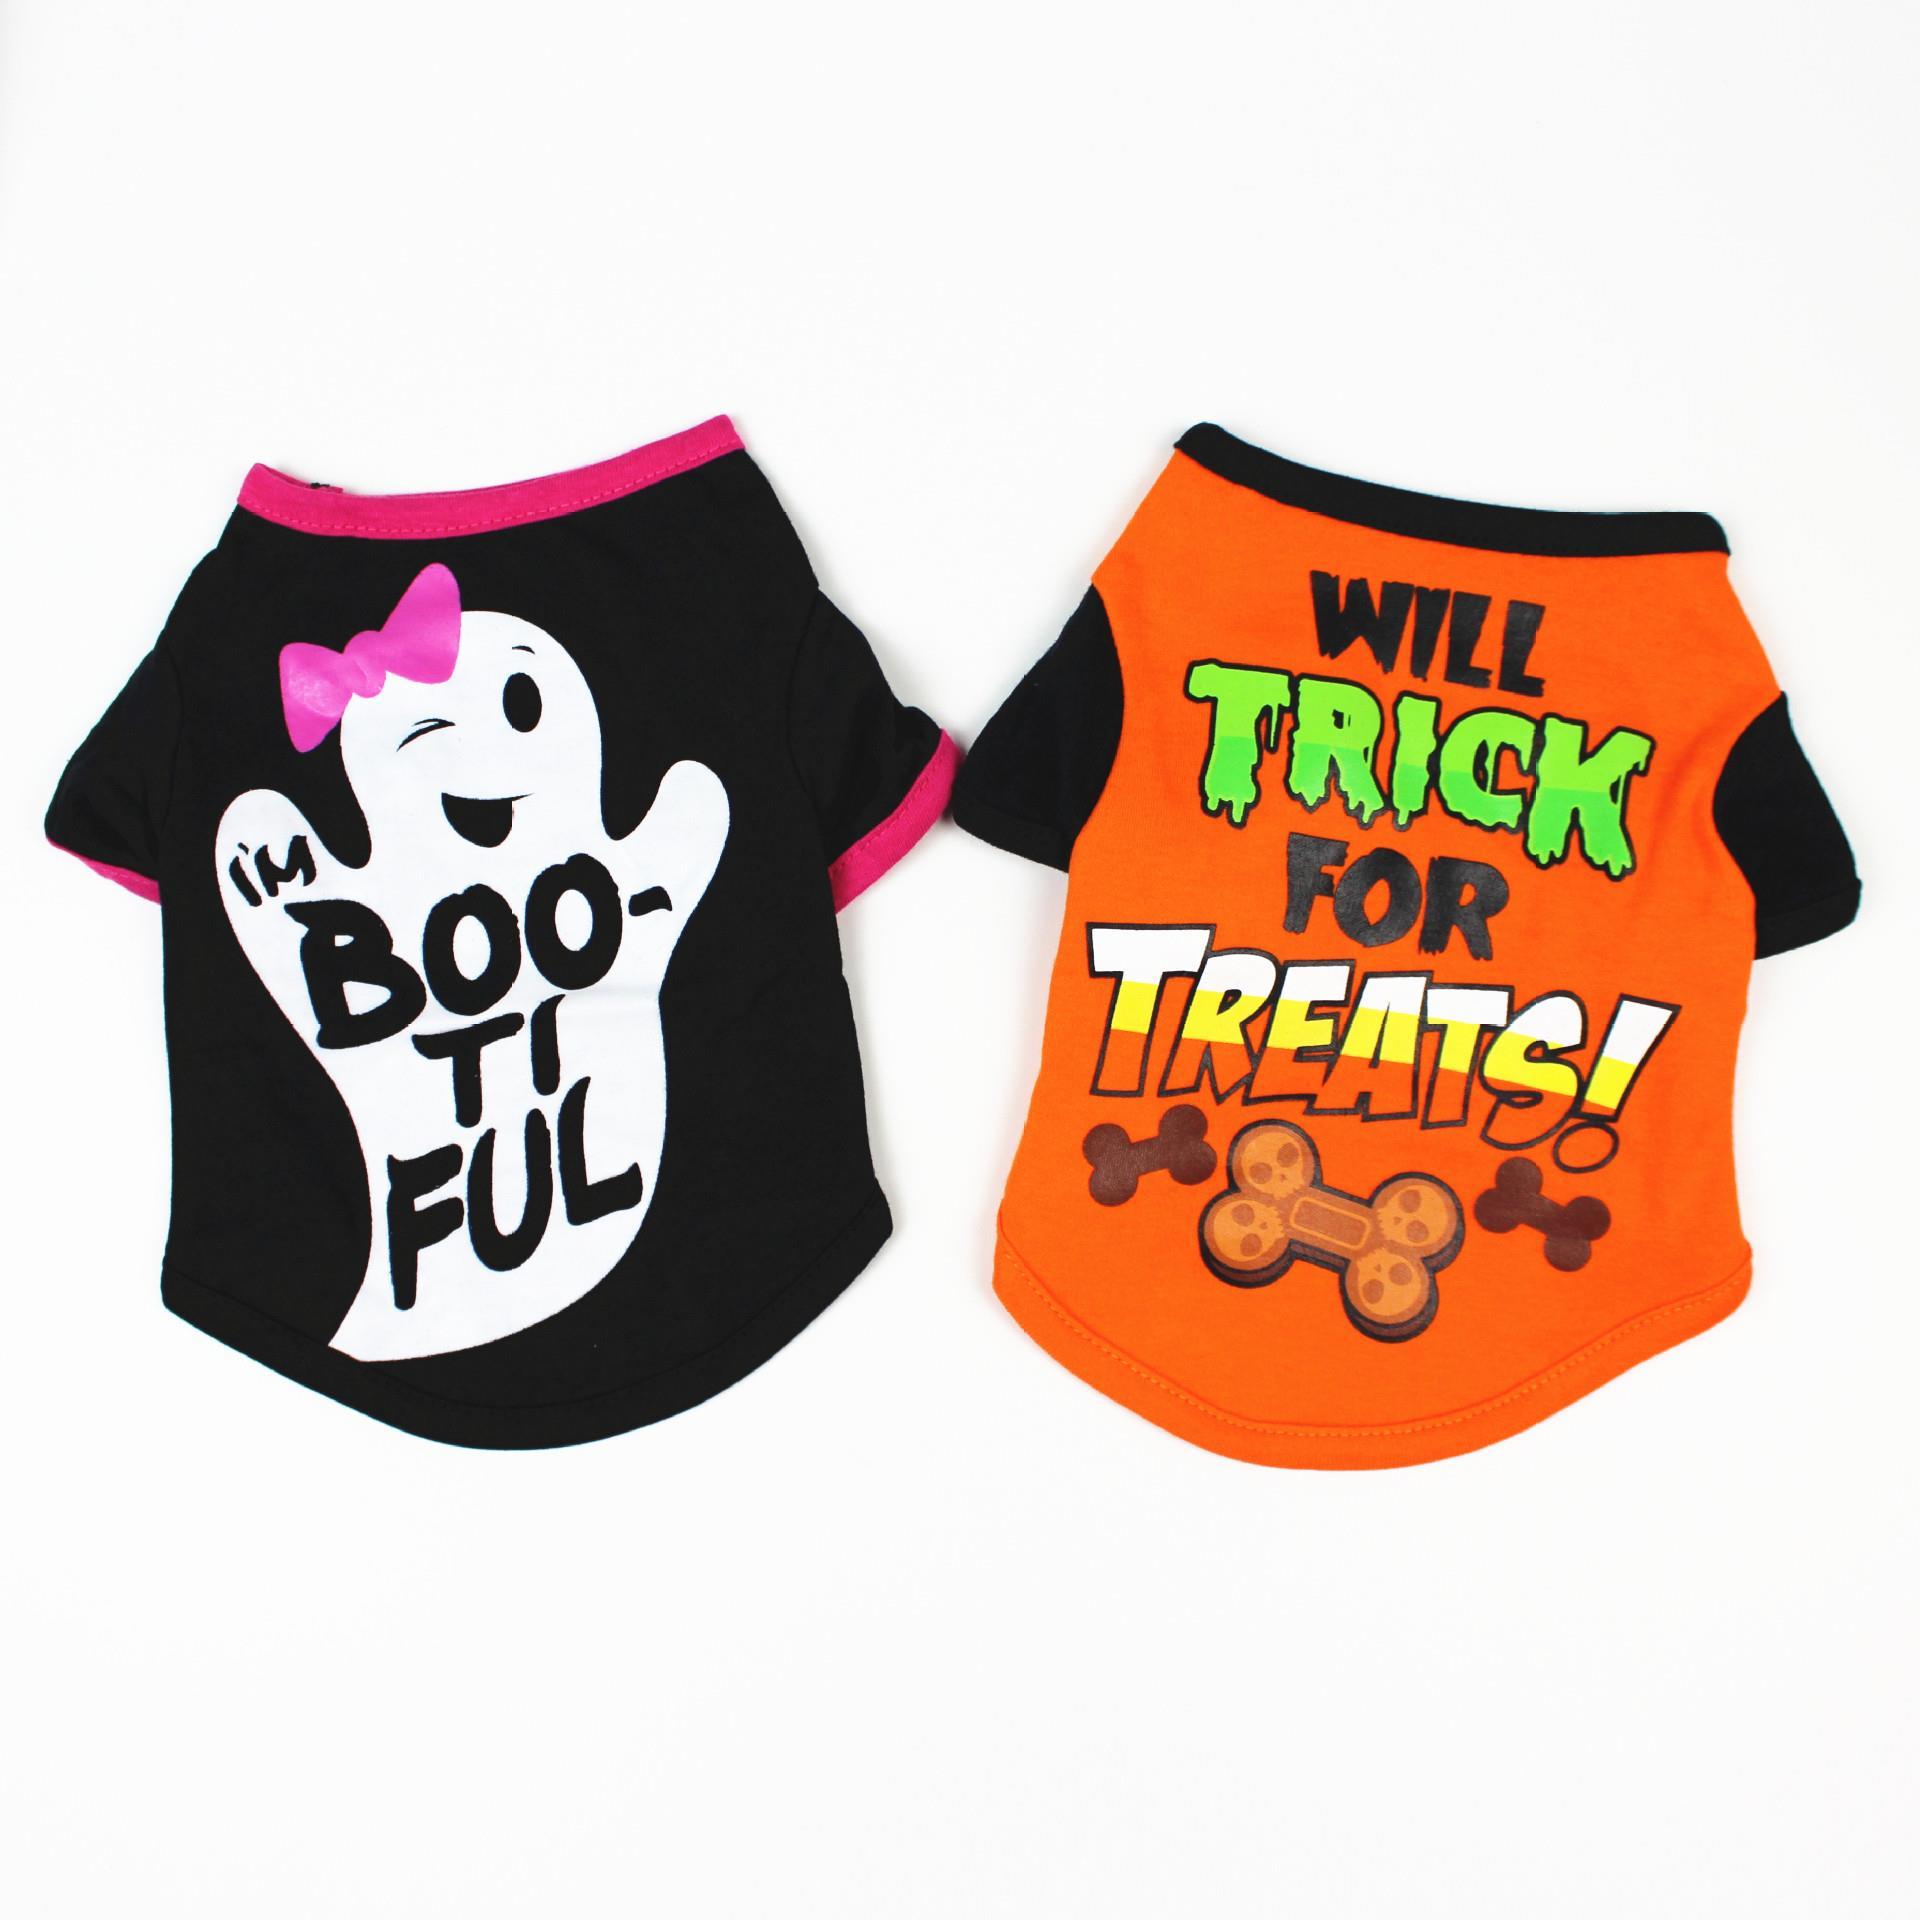 狗狗春夏装卡通印花T恤泰迪比熊宠物服饰 宠物万圣节